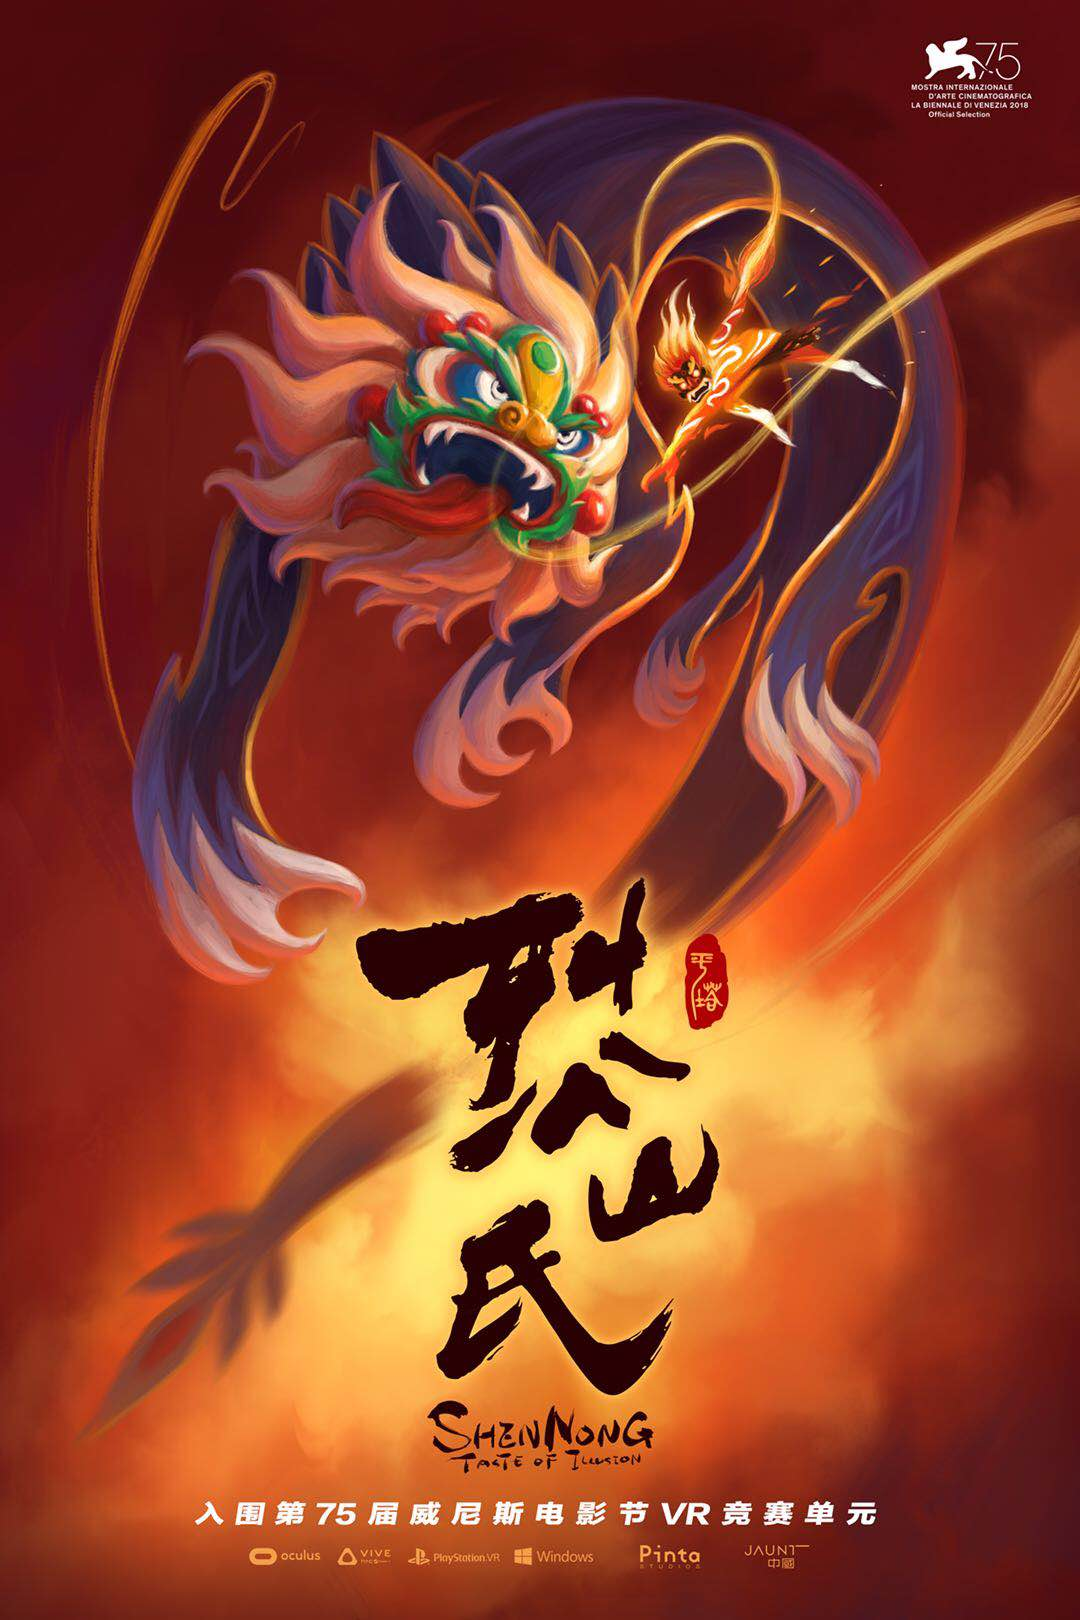 中国动画《烈山氏》征战威尼斯,带你用VR视角看东方故事